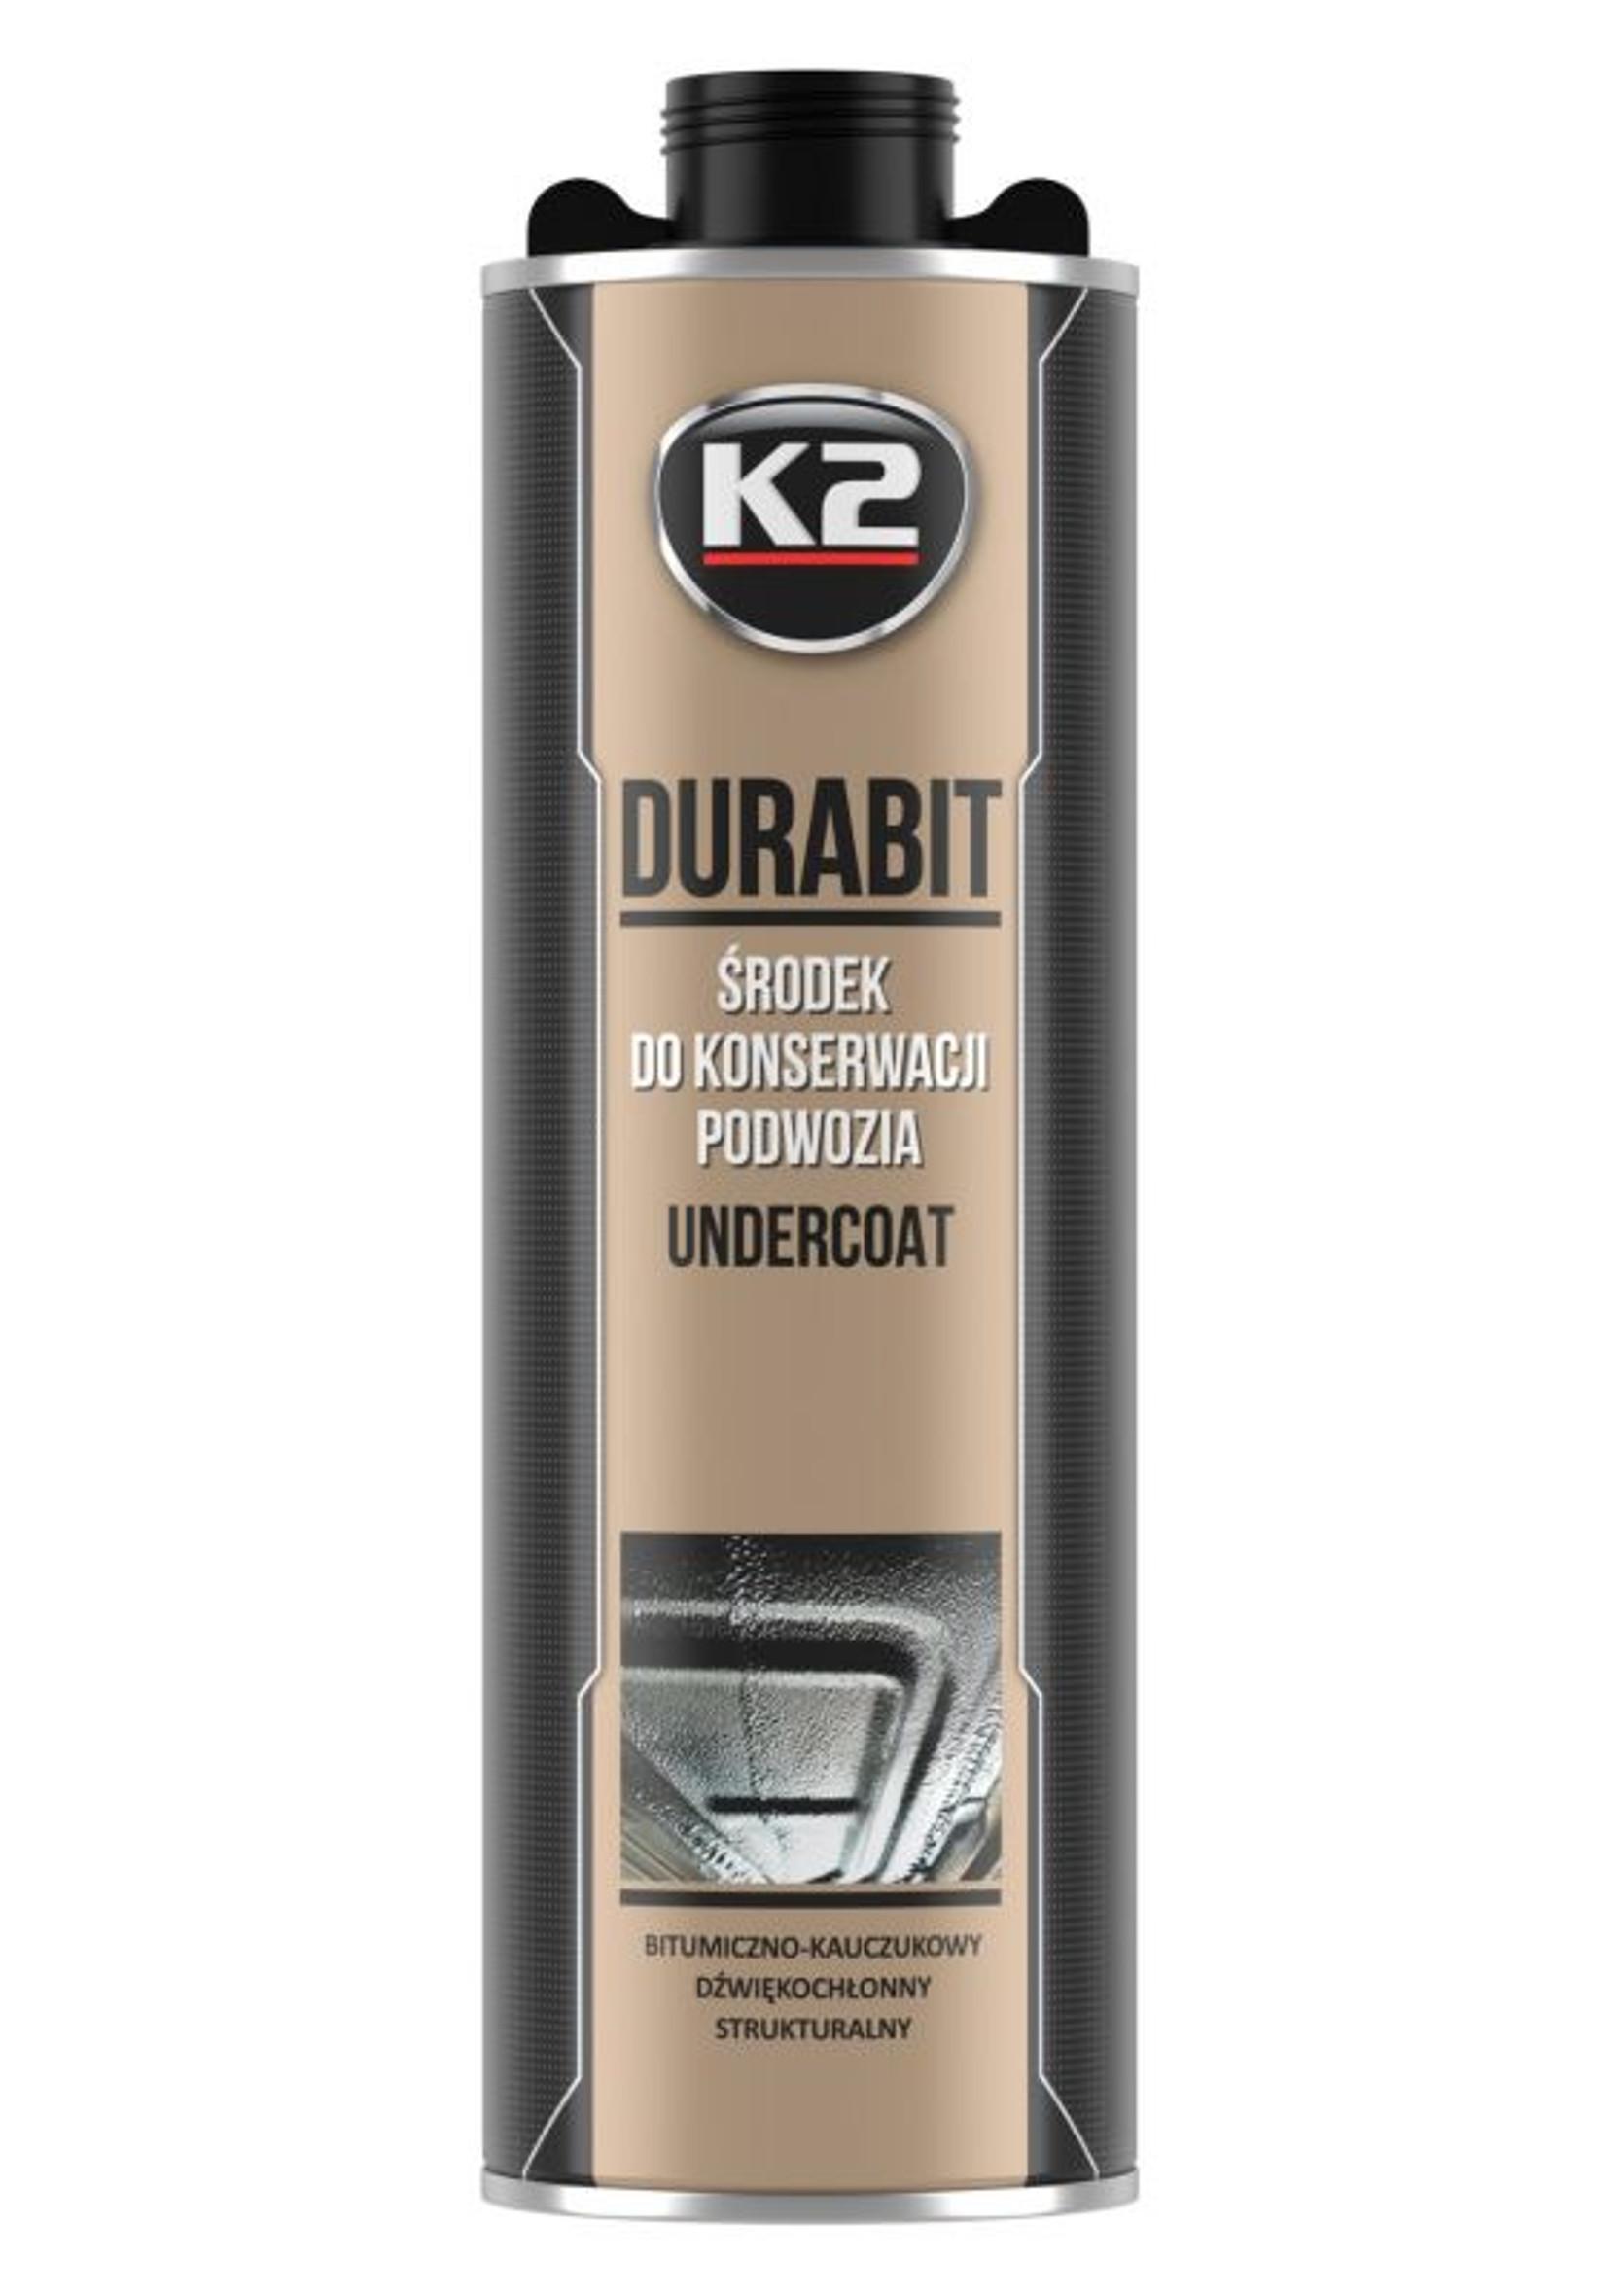 K2 Durabit 1L Bitumiczny Środek do Konserwacji Podwozia na Pistolet